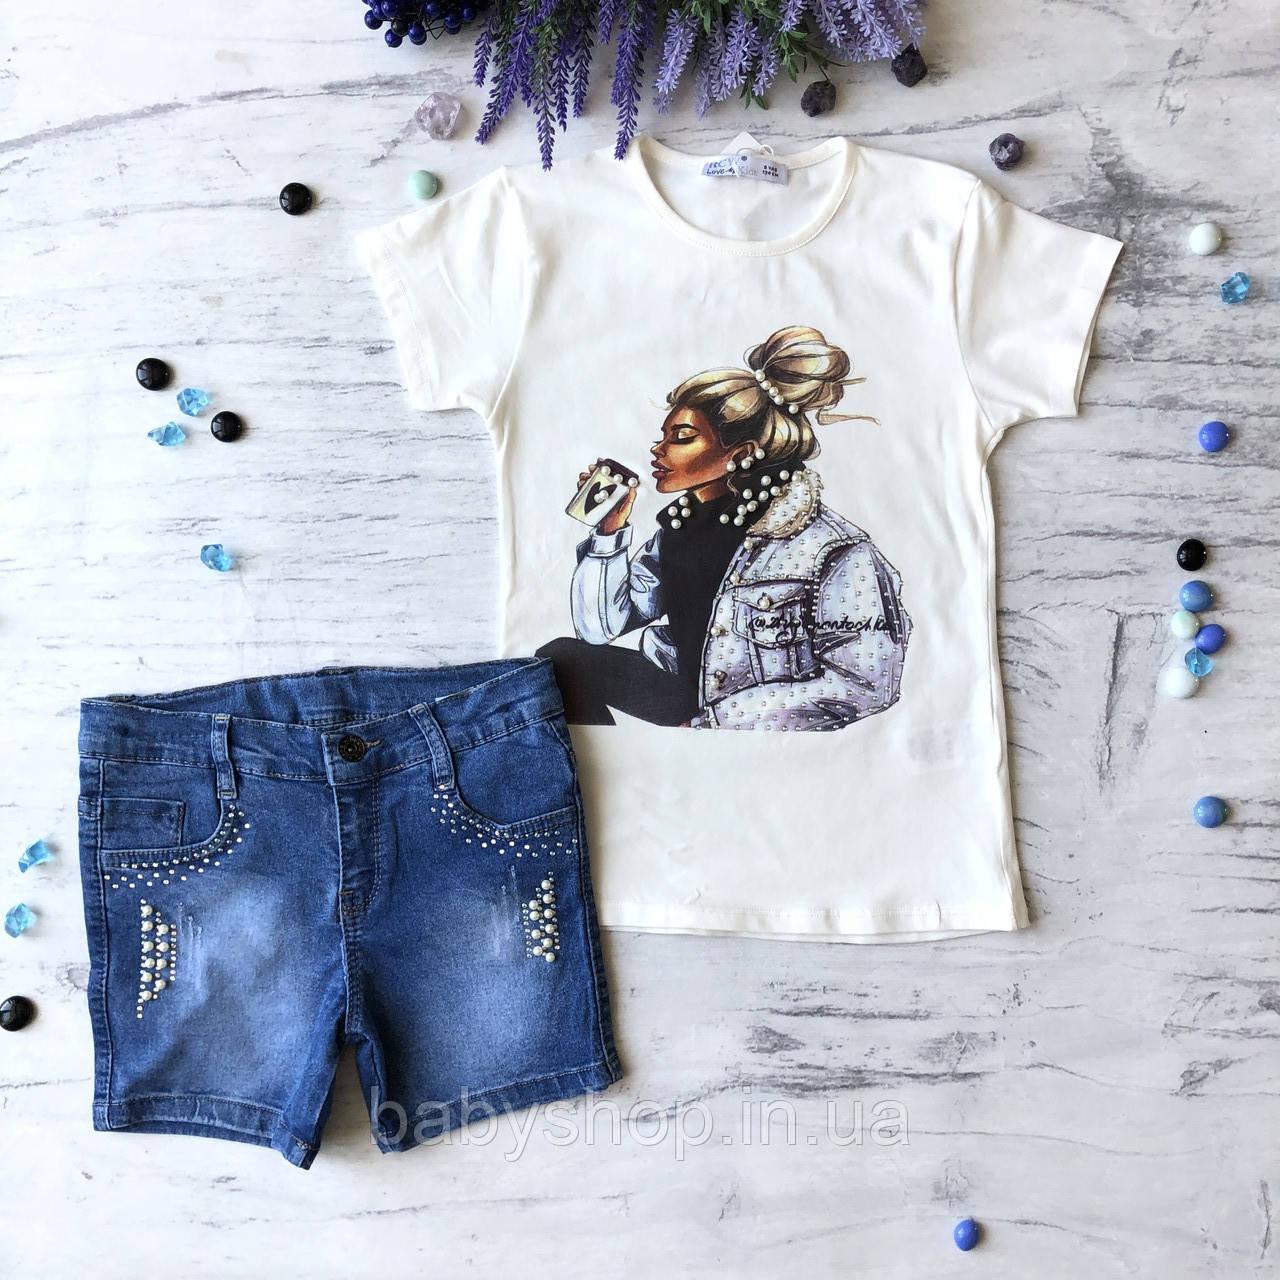 Летний джинсовый костюм на девочку 19.  Размер 134 см, 152 см